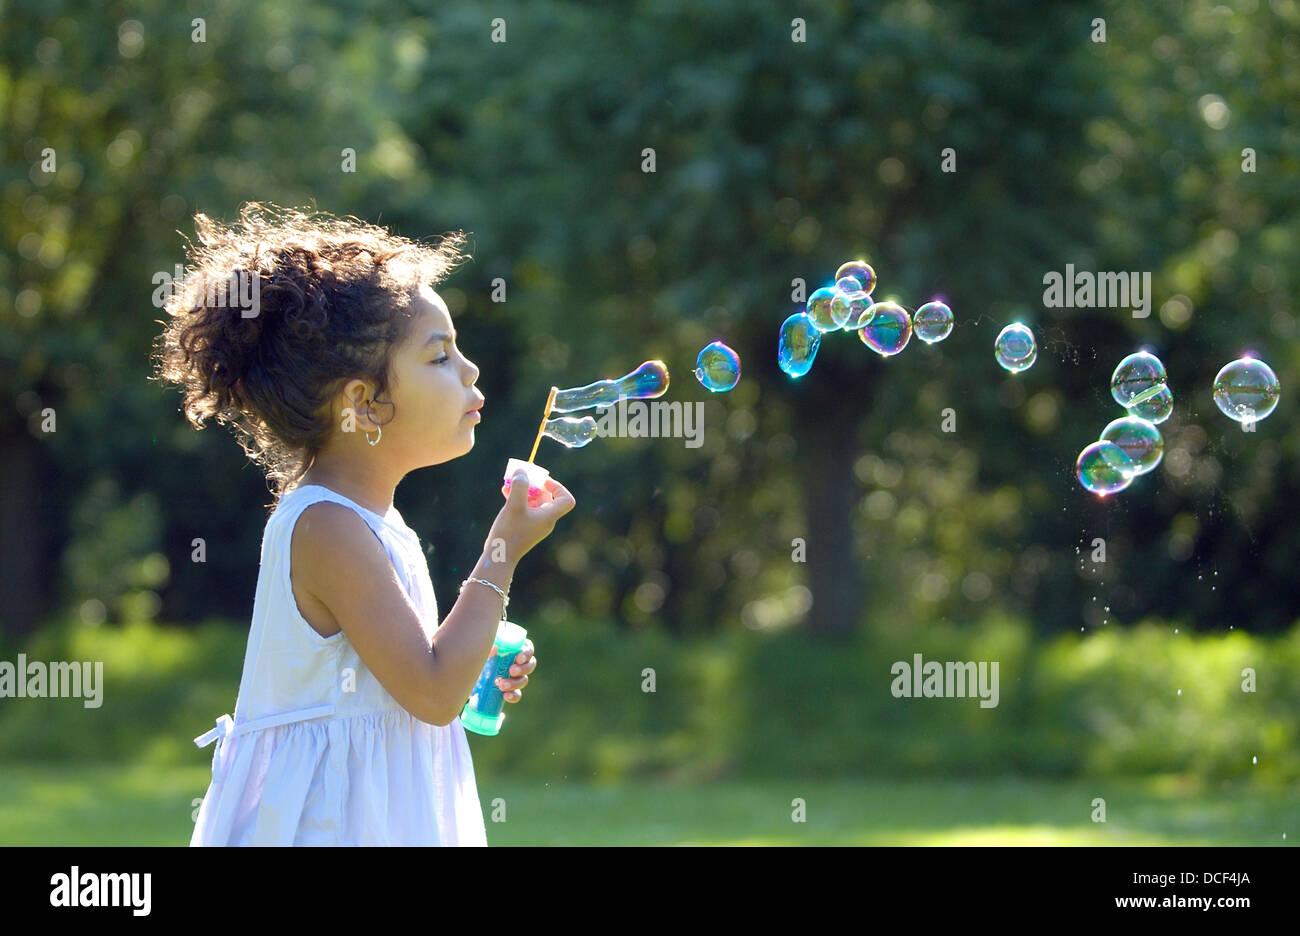 Kleines Mädchen bläst Seifenblasen im park Stockbild